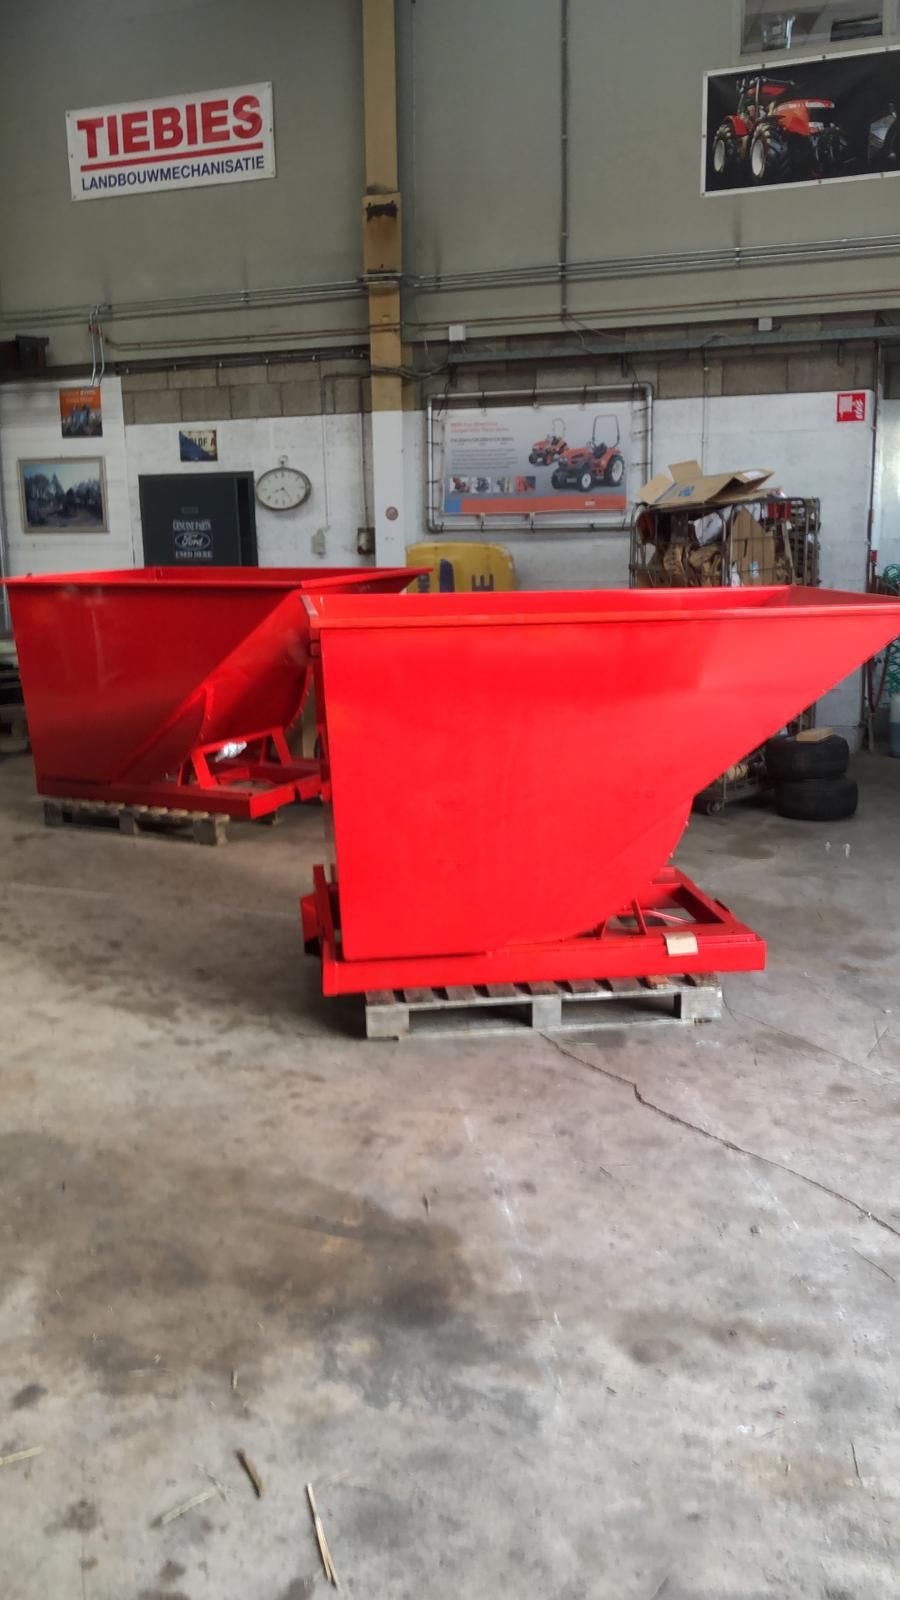 kiepcontainer 1700 l